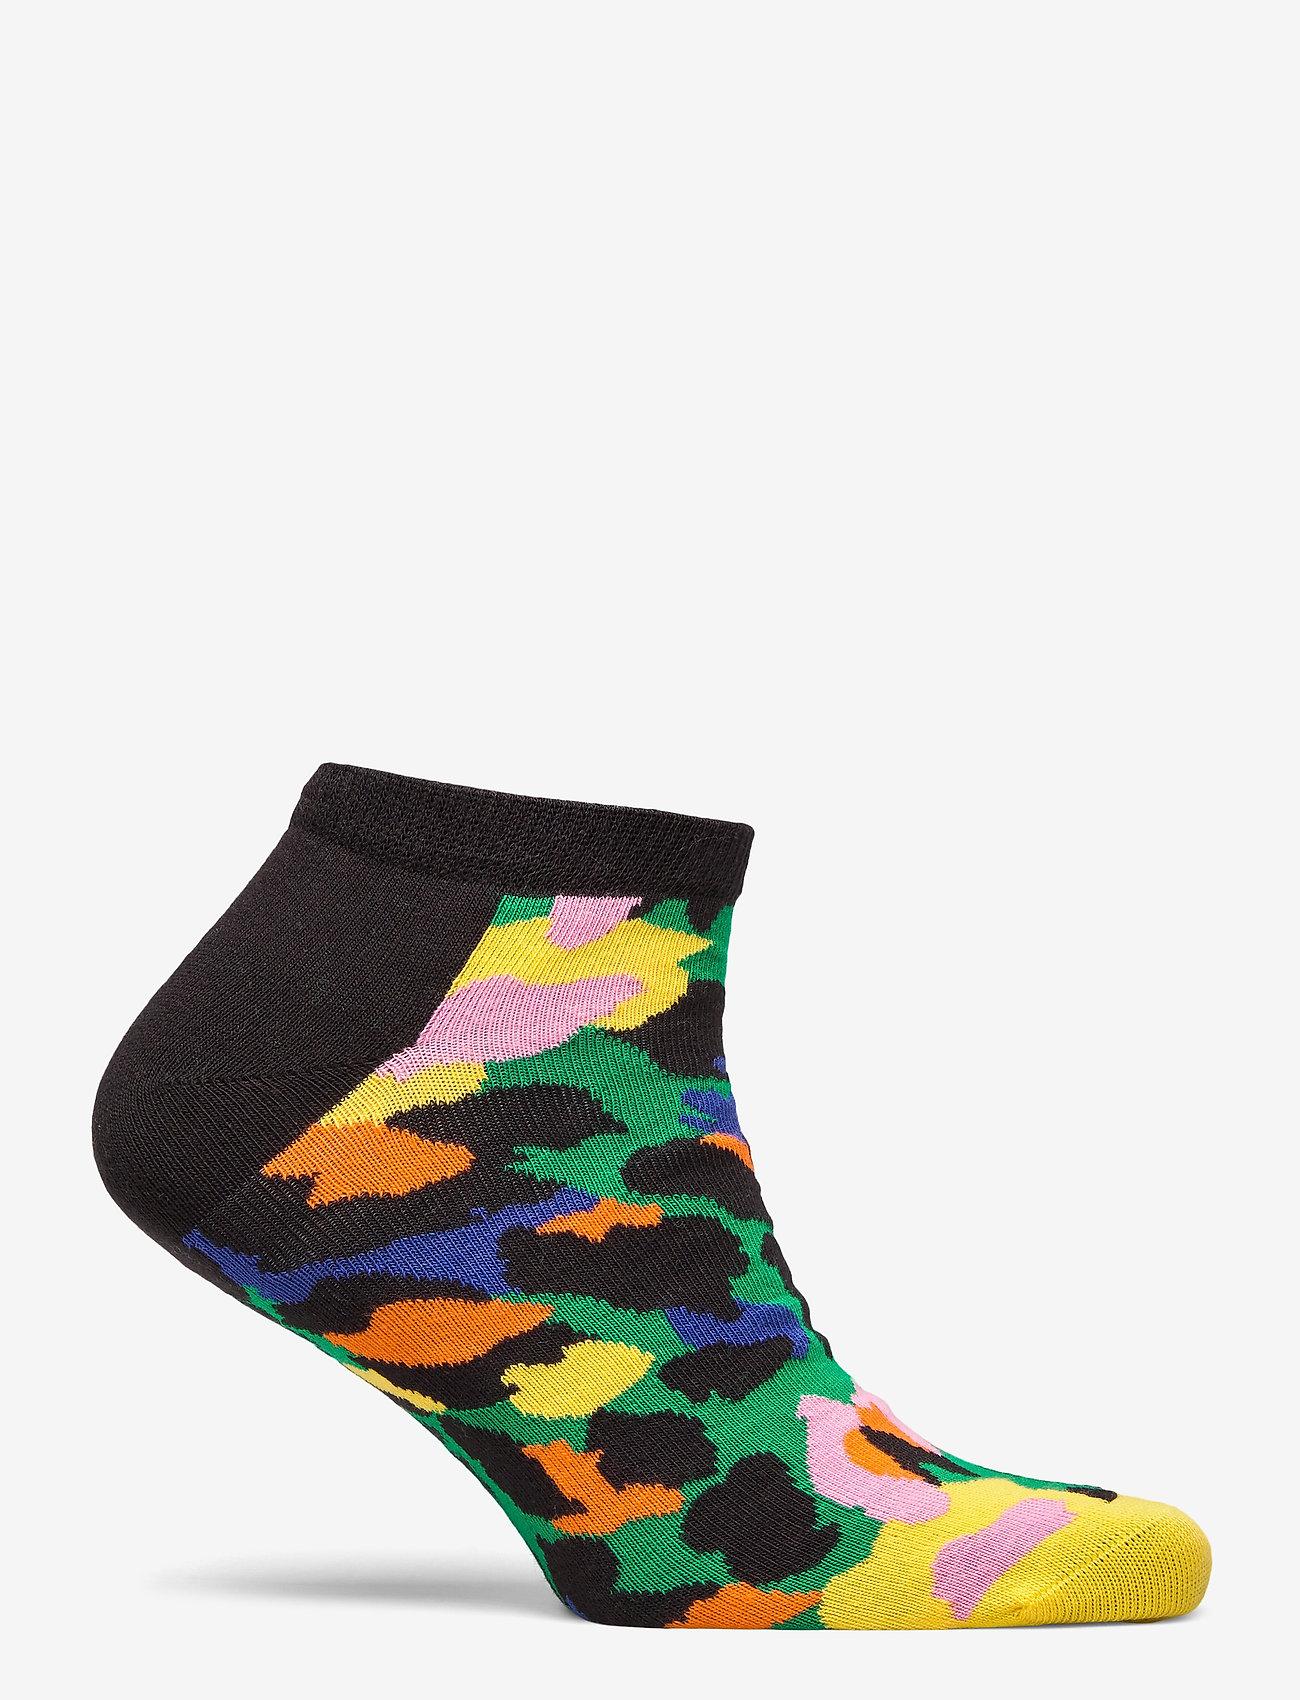 Leopard Low Sock (Green) (4.77 €) - Happy Socks arslj